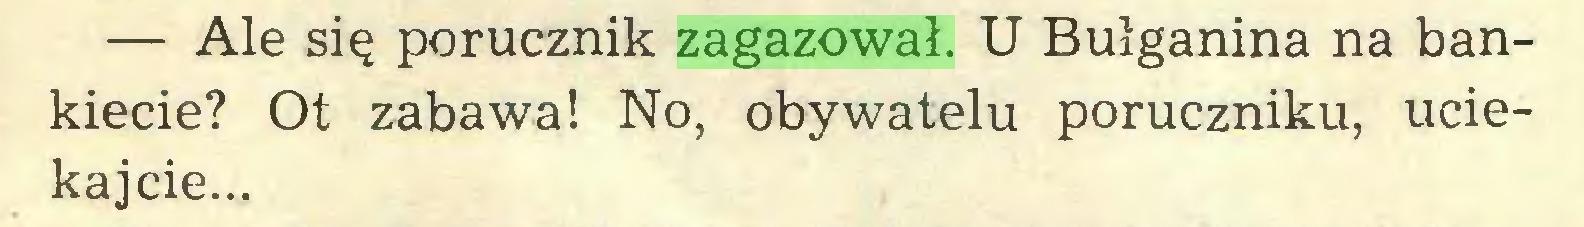 (...) — Ale się porucznik zagazował. U Bułganina na bankiecie? Ot zabawa! No, obywatelu poruczniku, uciekajcie...